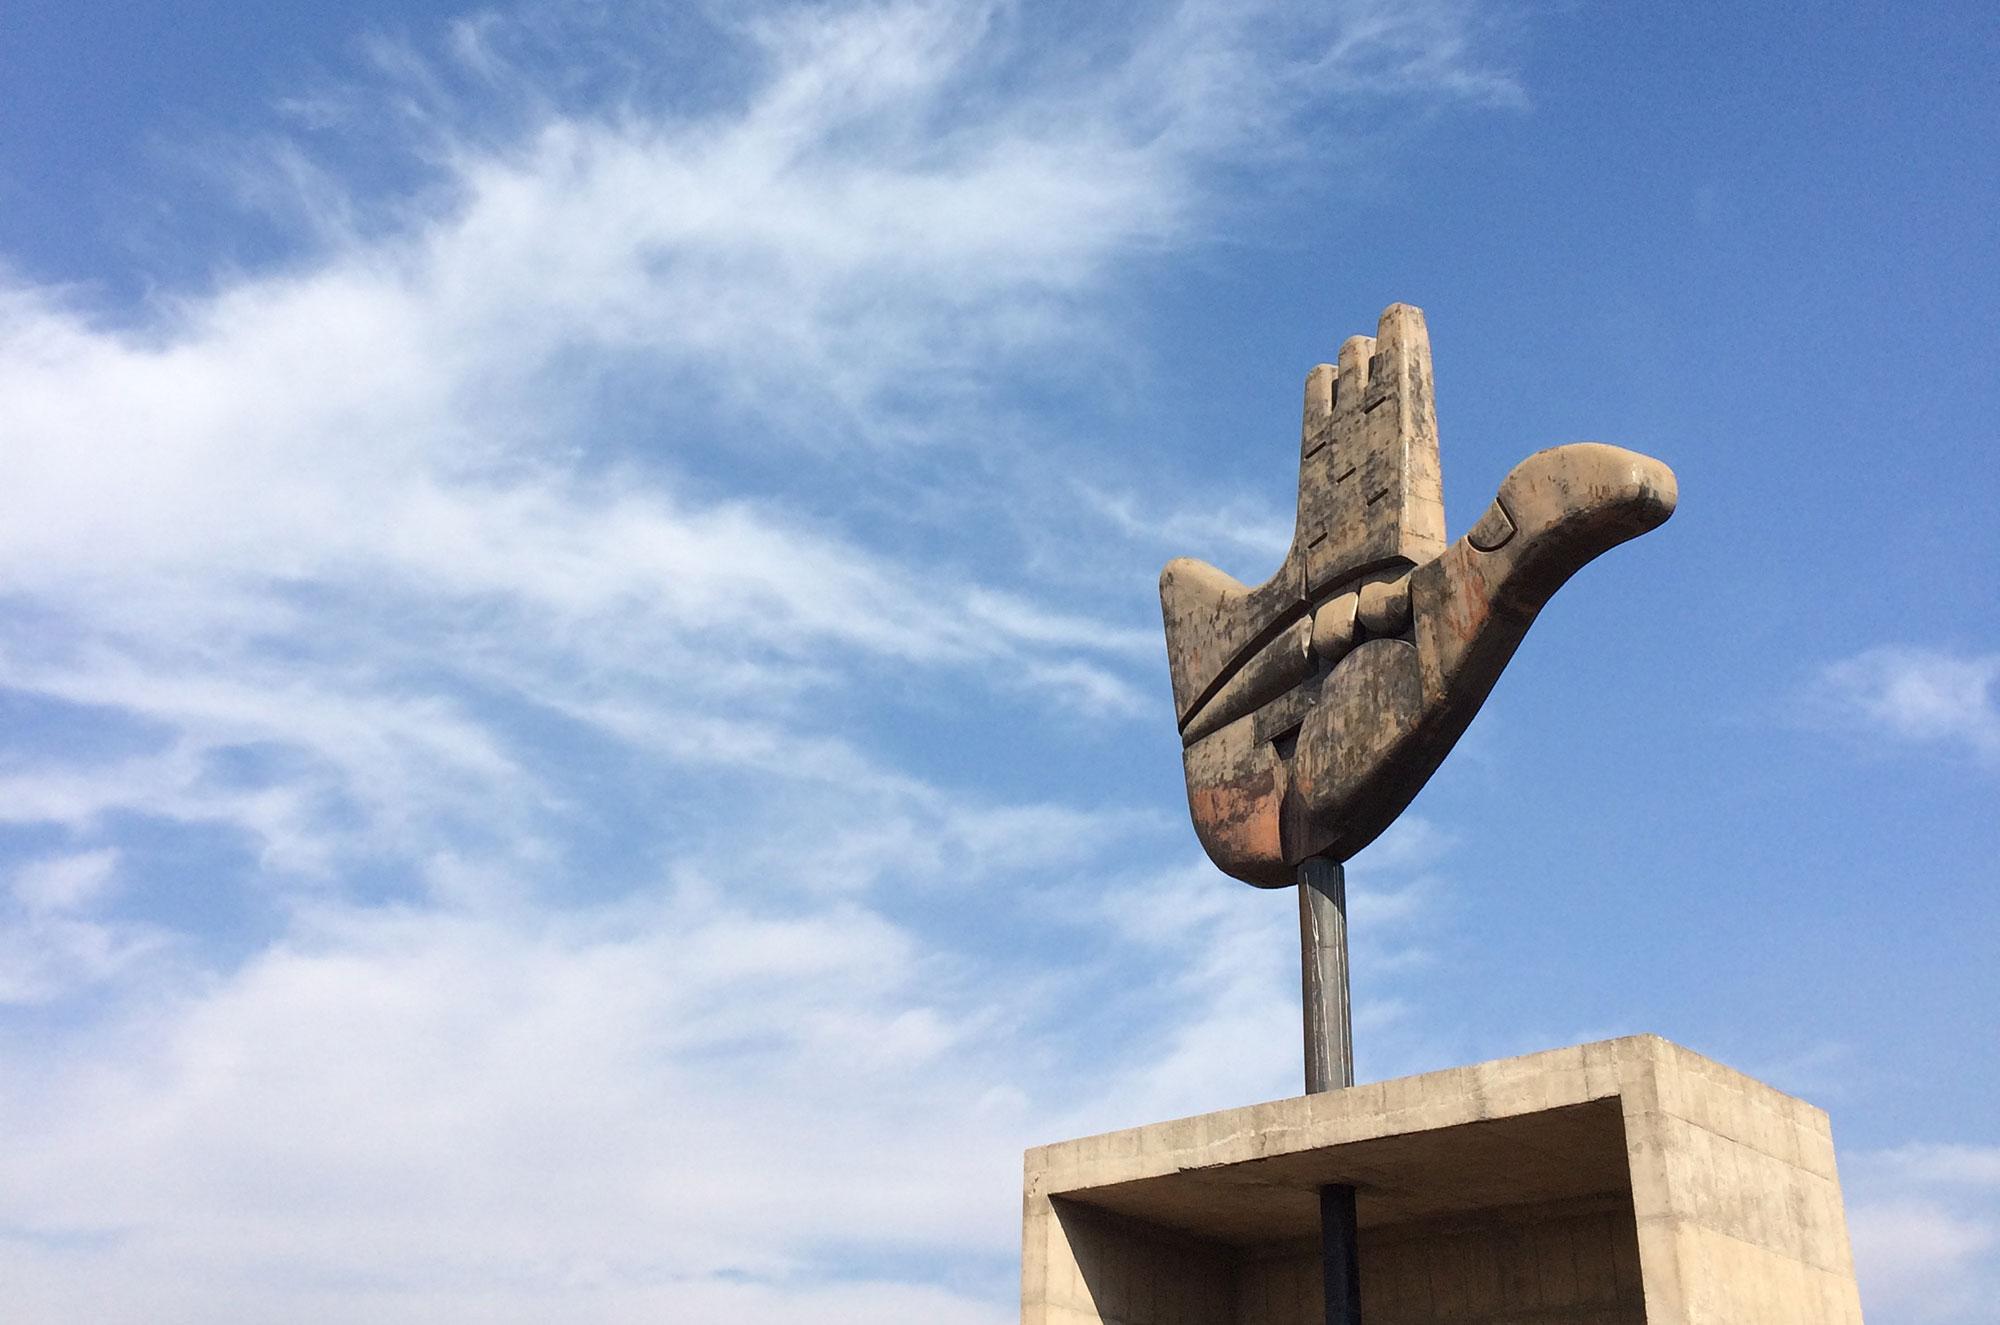 Das Wahrzeichen Chandigarhs: Corbusiers Open Hand Monument. Foto: Lothar Ruttner